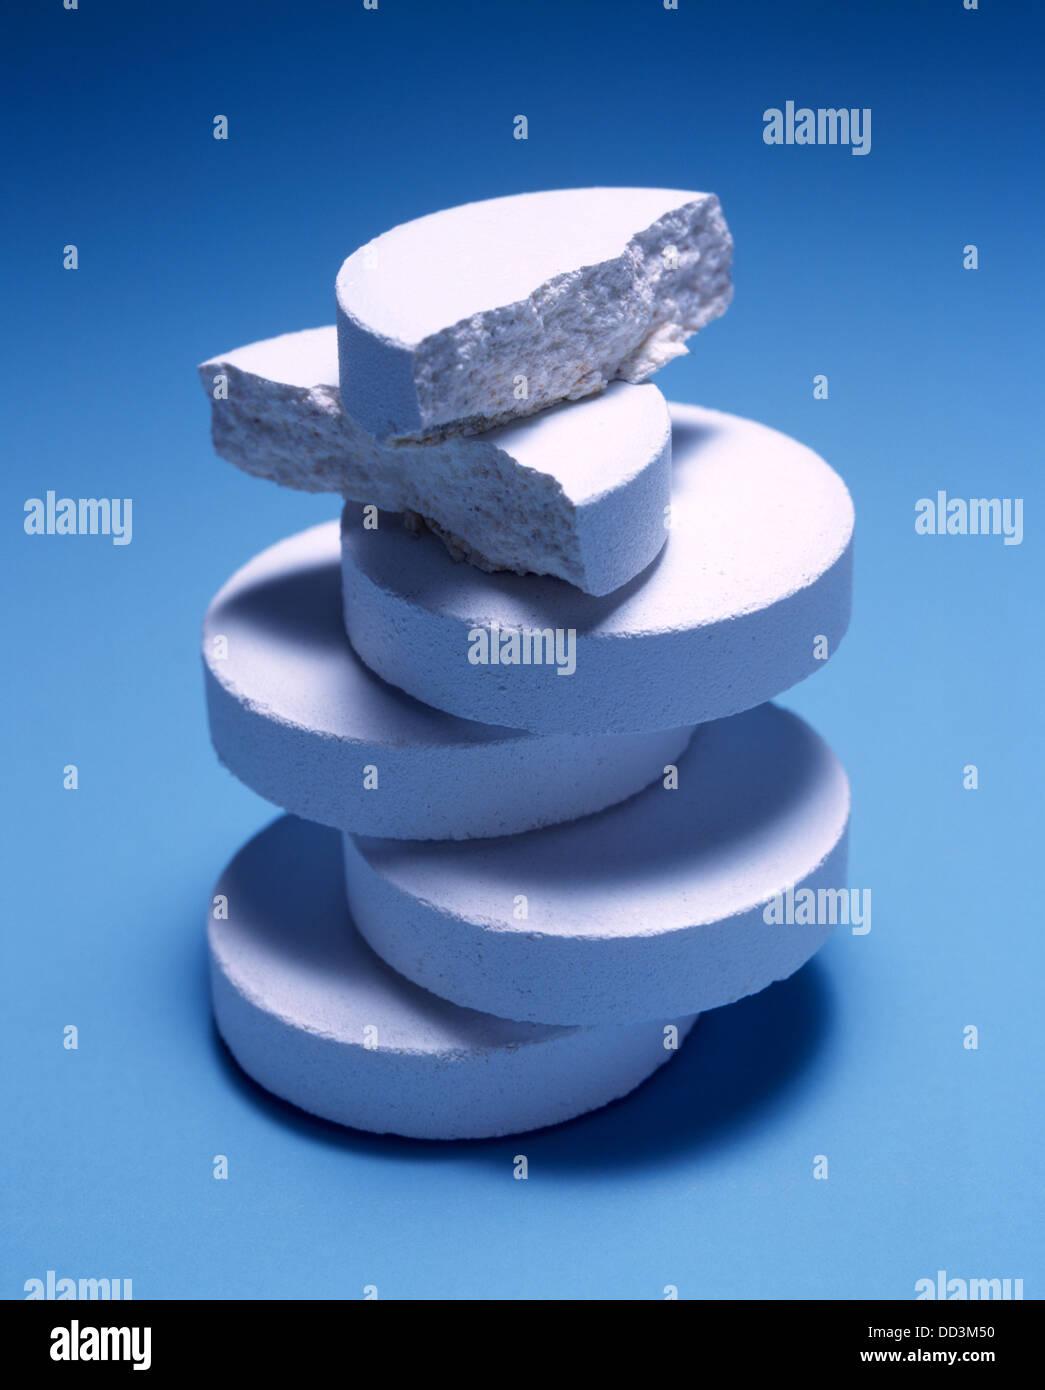 Una gran pila de tabletas medicina blanca sobre fondo azul. Imagen De Stock